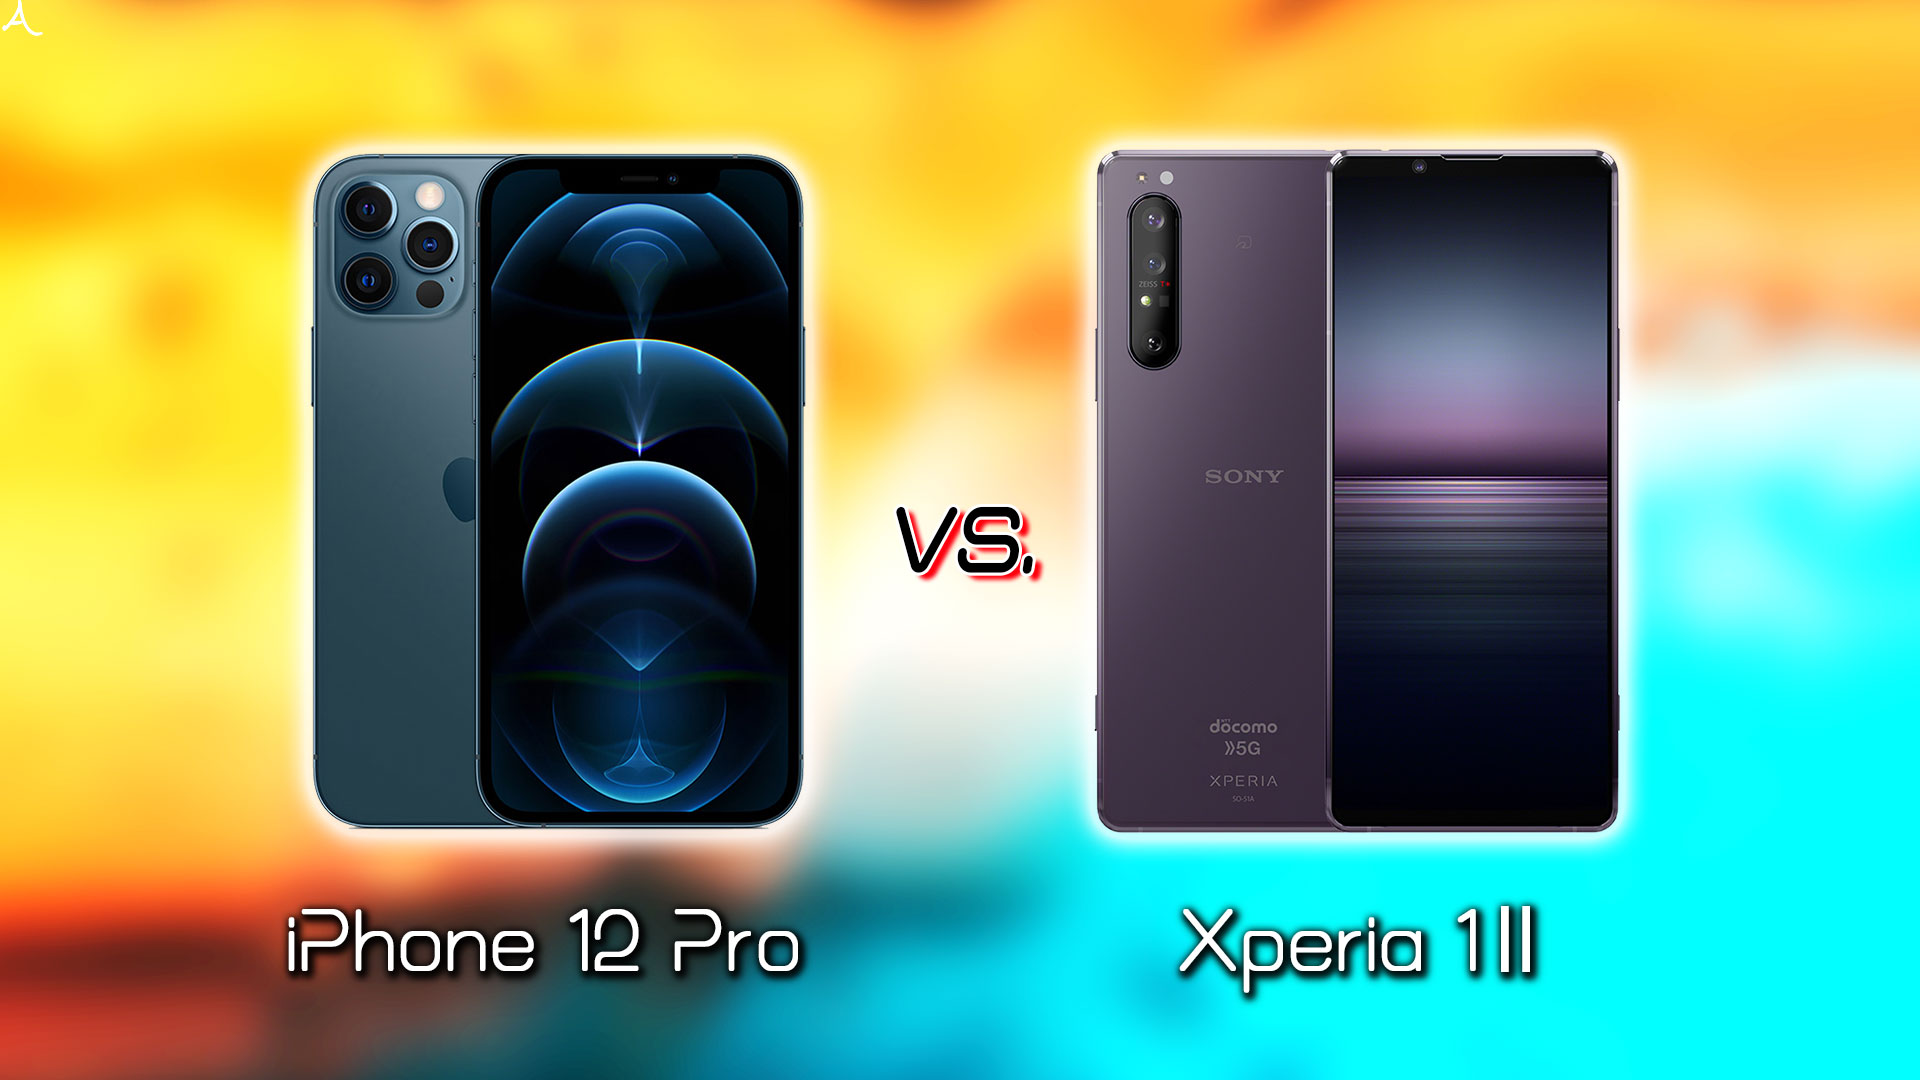 「iPhone 12 Pro」と「Xperia 1 Ⅱ」の違いを比較:どっちを買う?